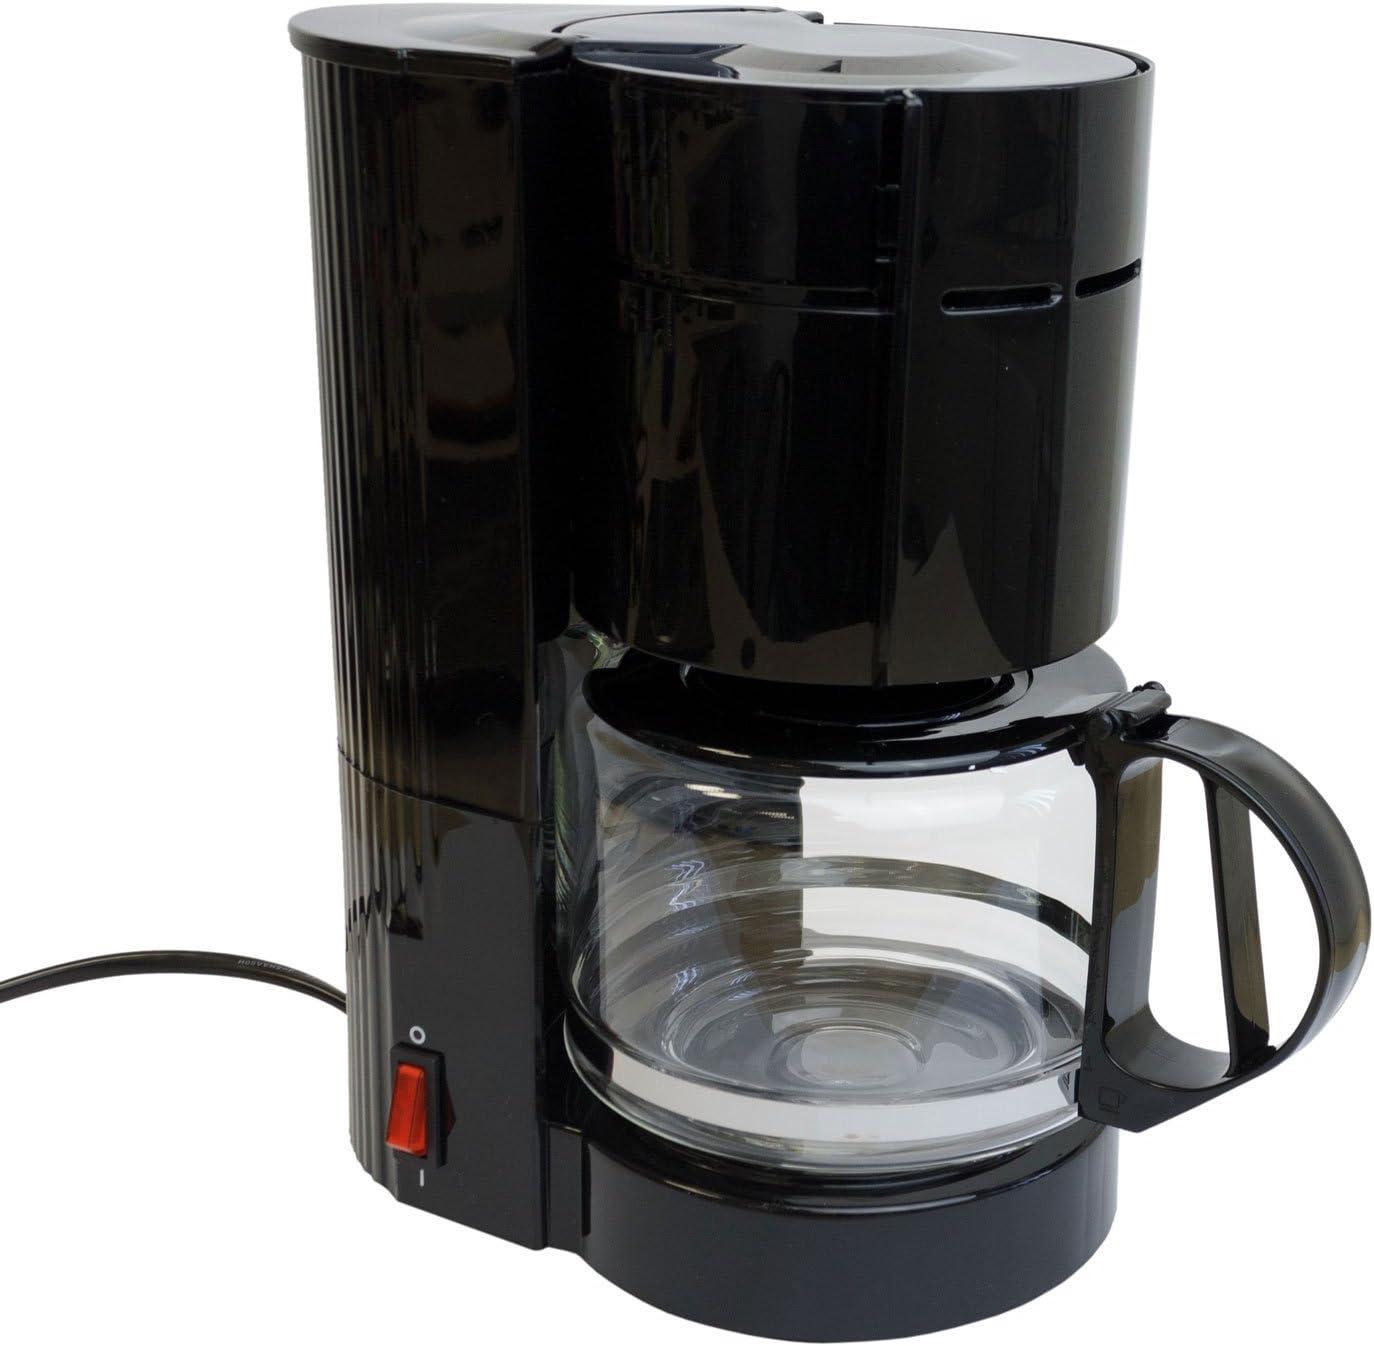 Cafetera con jarra de cristal (12 tazas/24 V/300 W Viaje Cafetera Eléctrica Camiones Barco o Camper Encendedor de cigarrillos filtro cafetera eléctrica: Amazon.es: Hogar